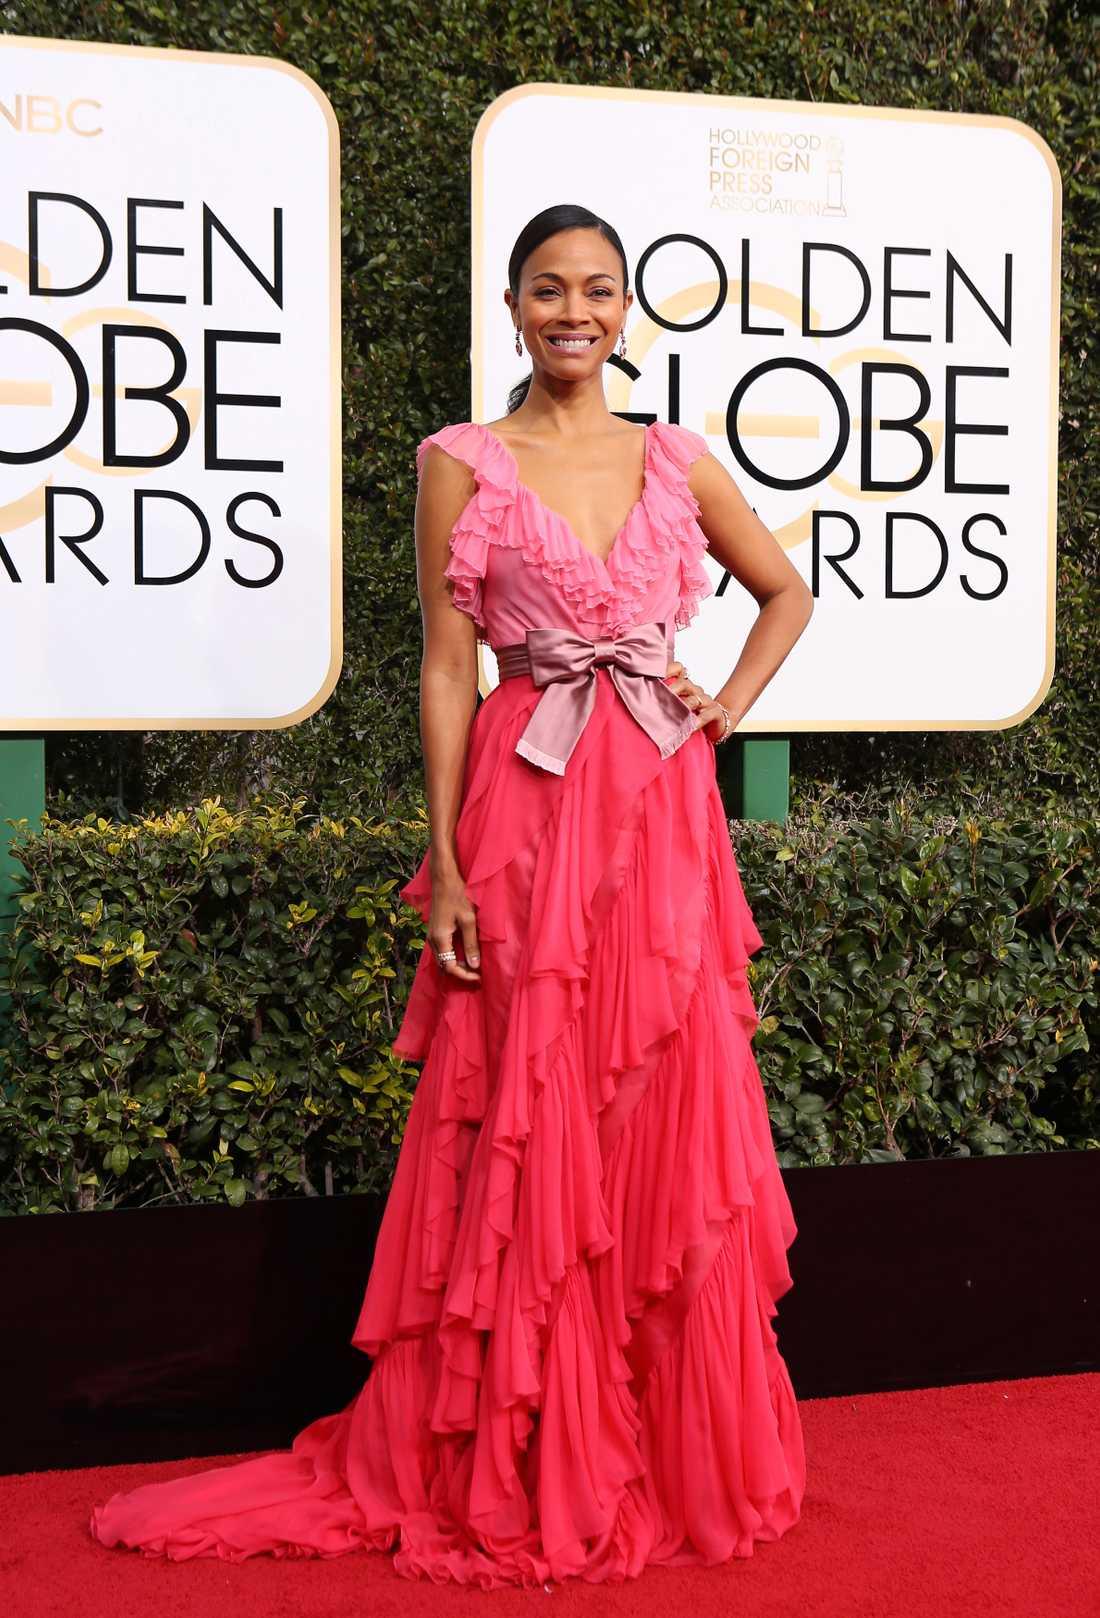 Zoe Saldana Den här klänningen känns som gjord för henne. De olika nyanserna av rosa och aprikos klär henne fantastiskt bra och modellen med volangerna gör den både sval, modern och elegant samtidigt. Gucci har designat en klänning av trivas i. Älskar den.  4 plus